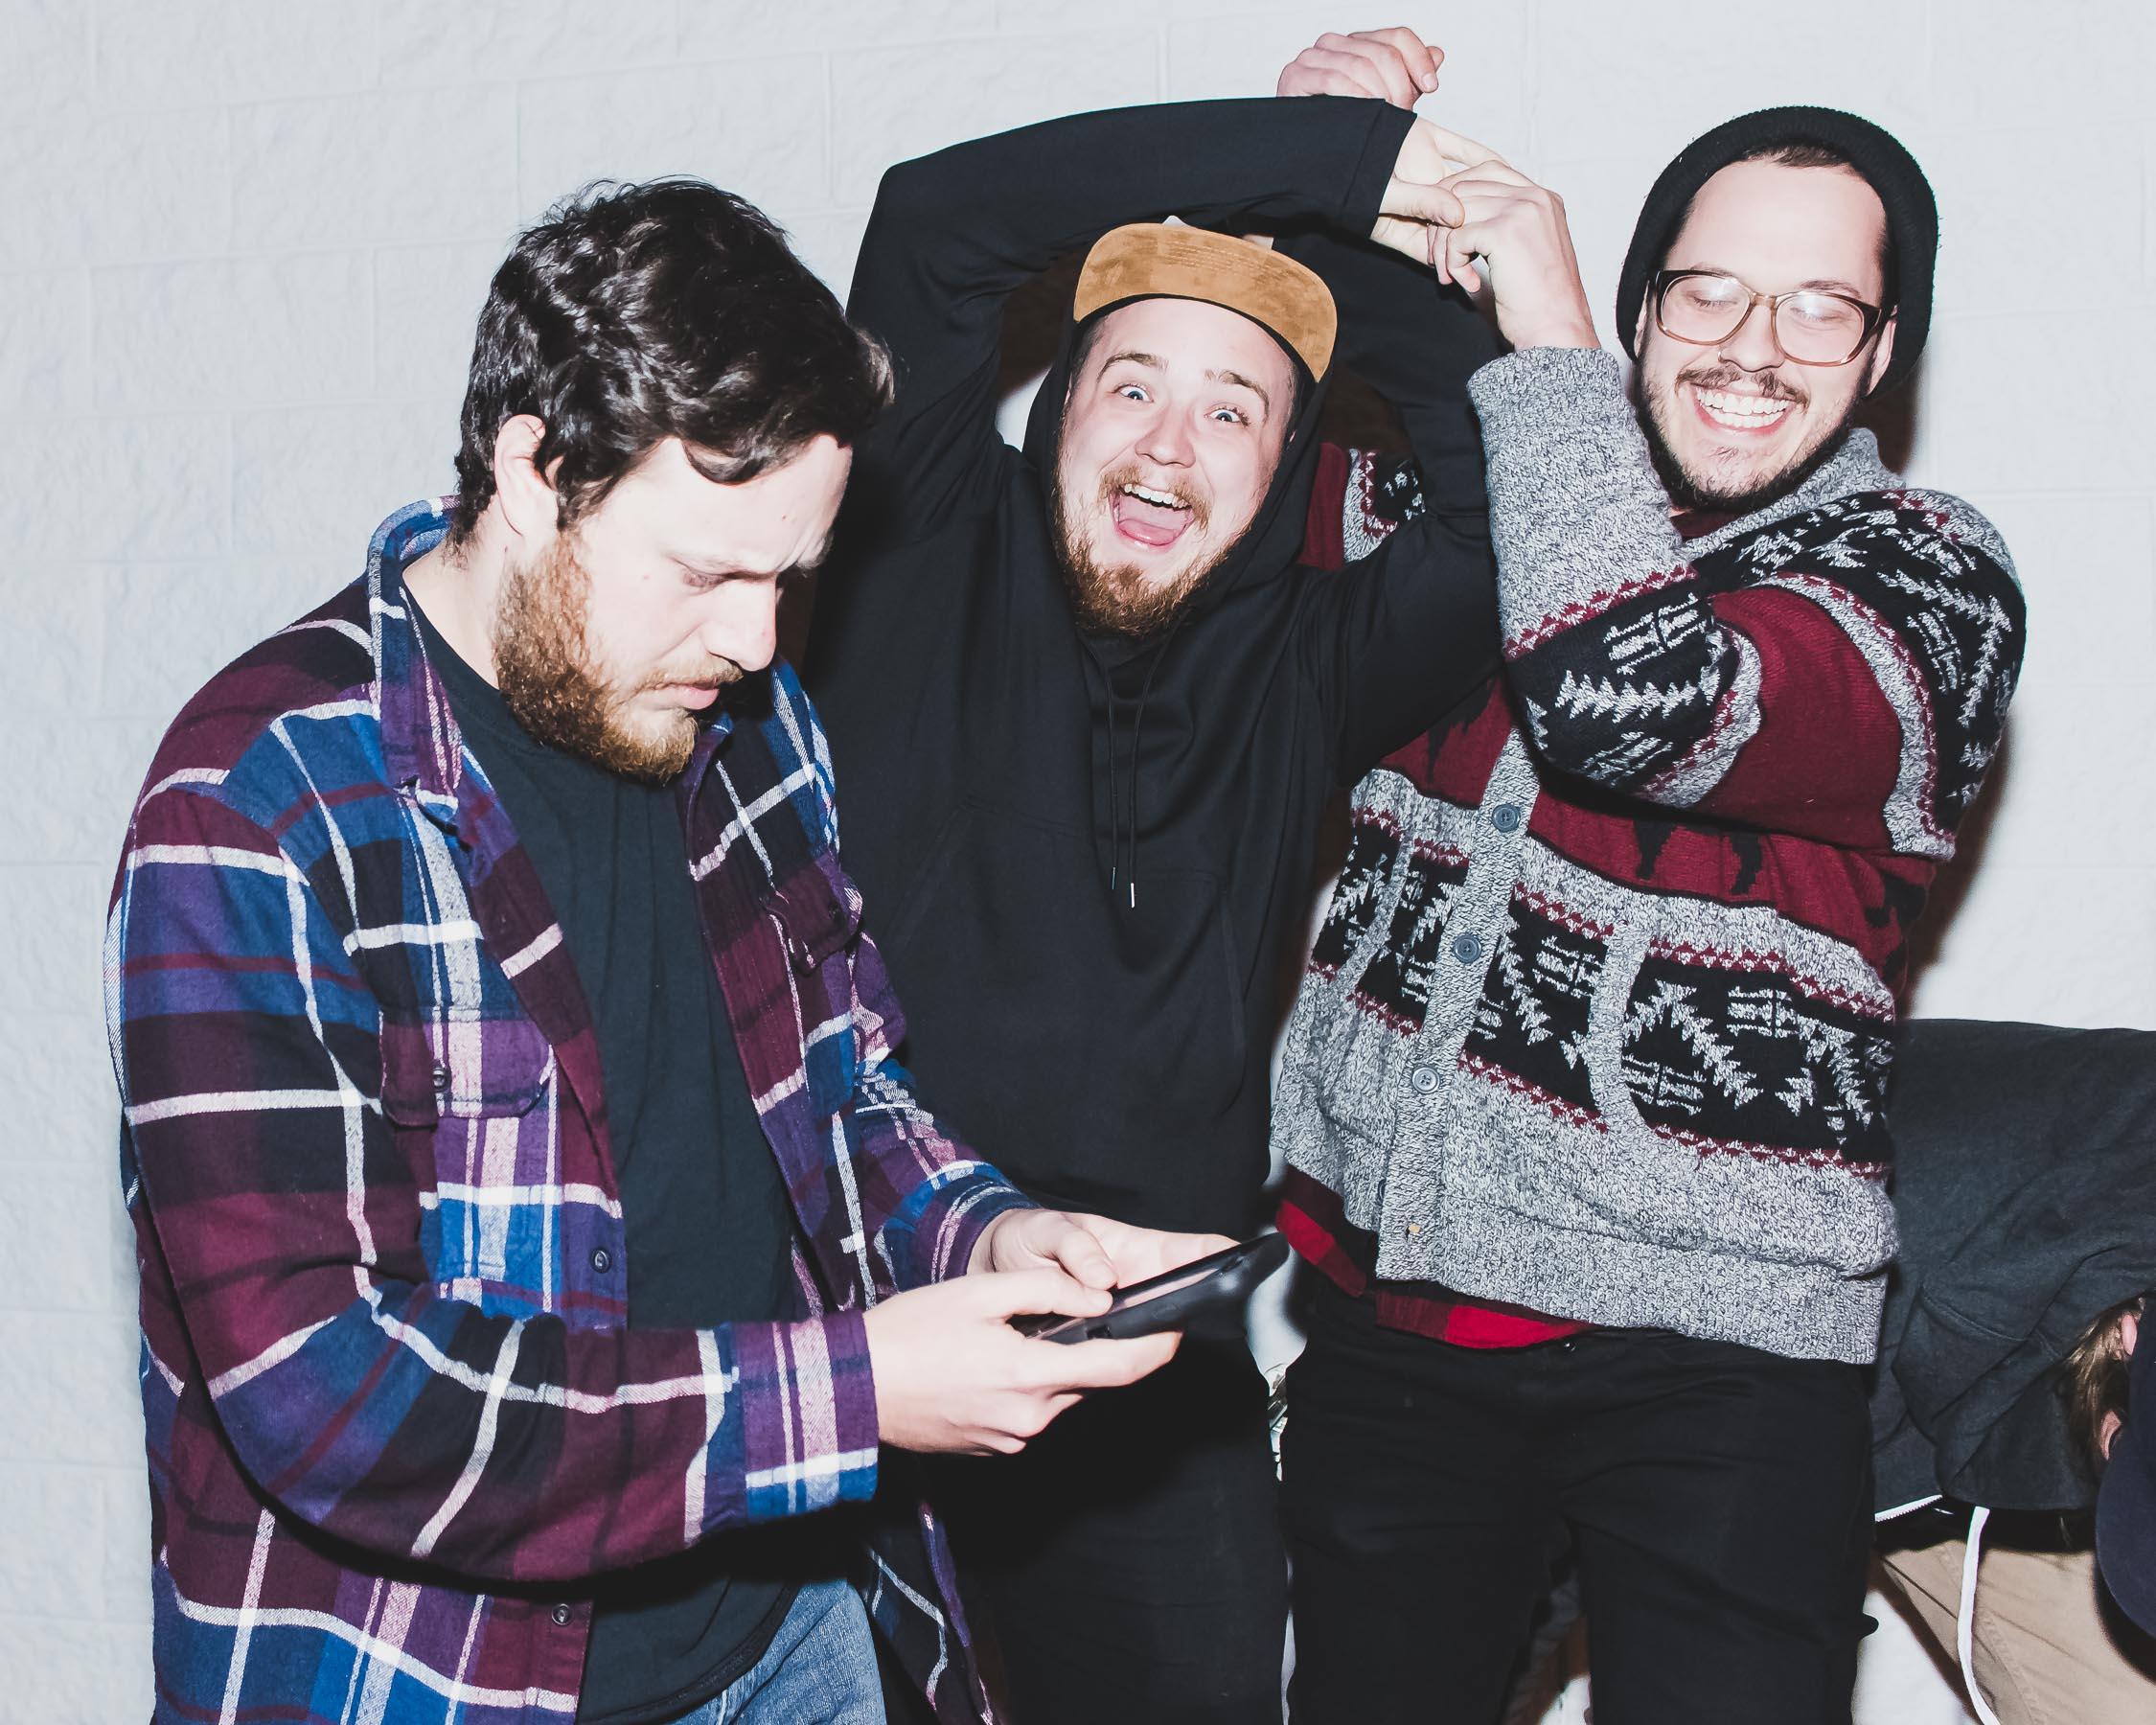 Alex Tucker, Elliott Blair, and Gene Bernardo of Dead Leaves / 11/13/15 / Shakers Pub / Oakdale, N.Y.